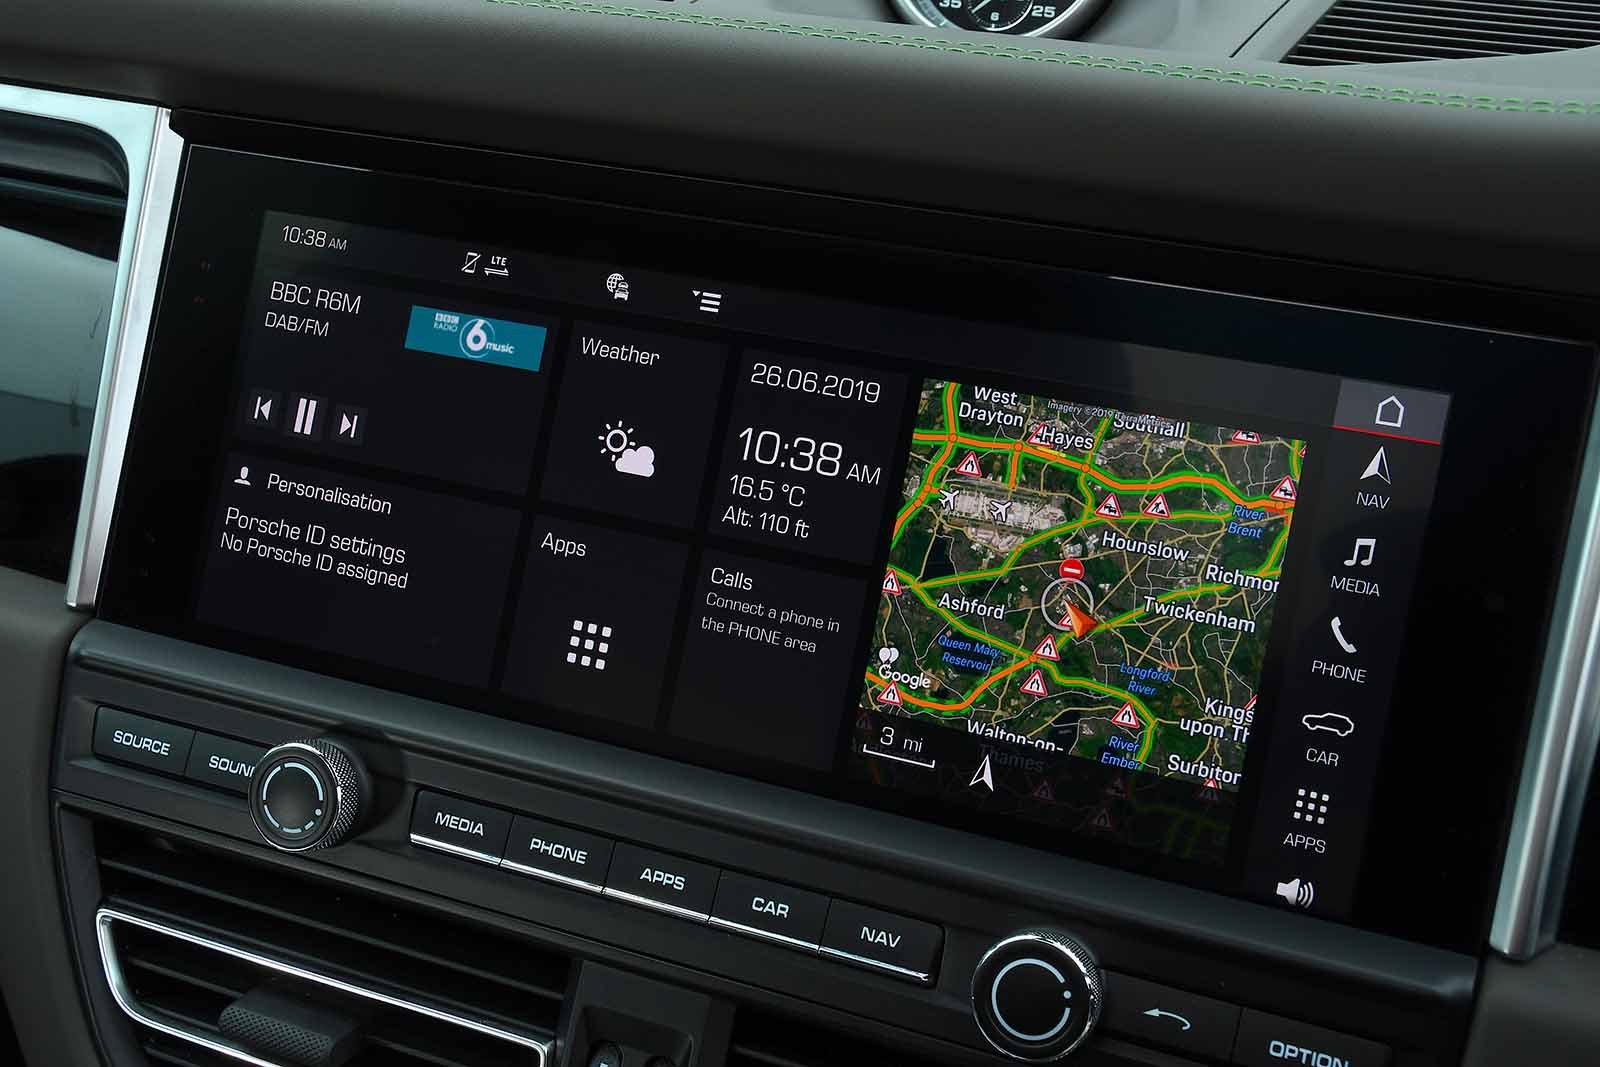 2019 Porsche RHD Macan infotainment